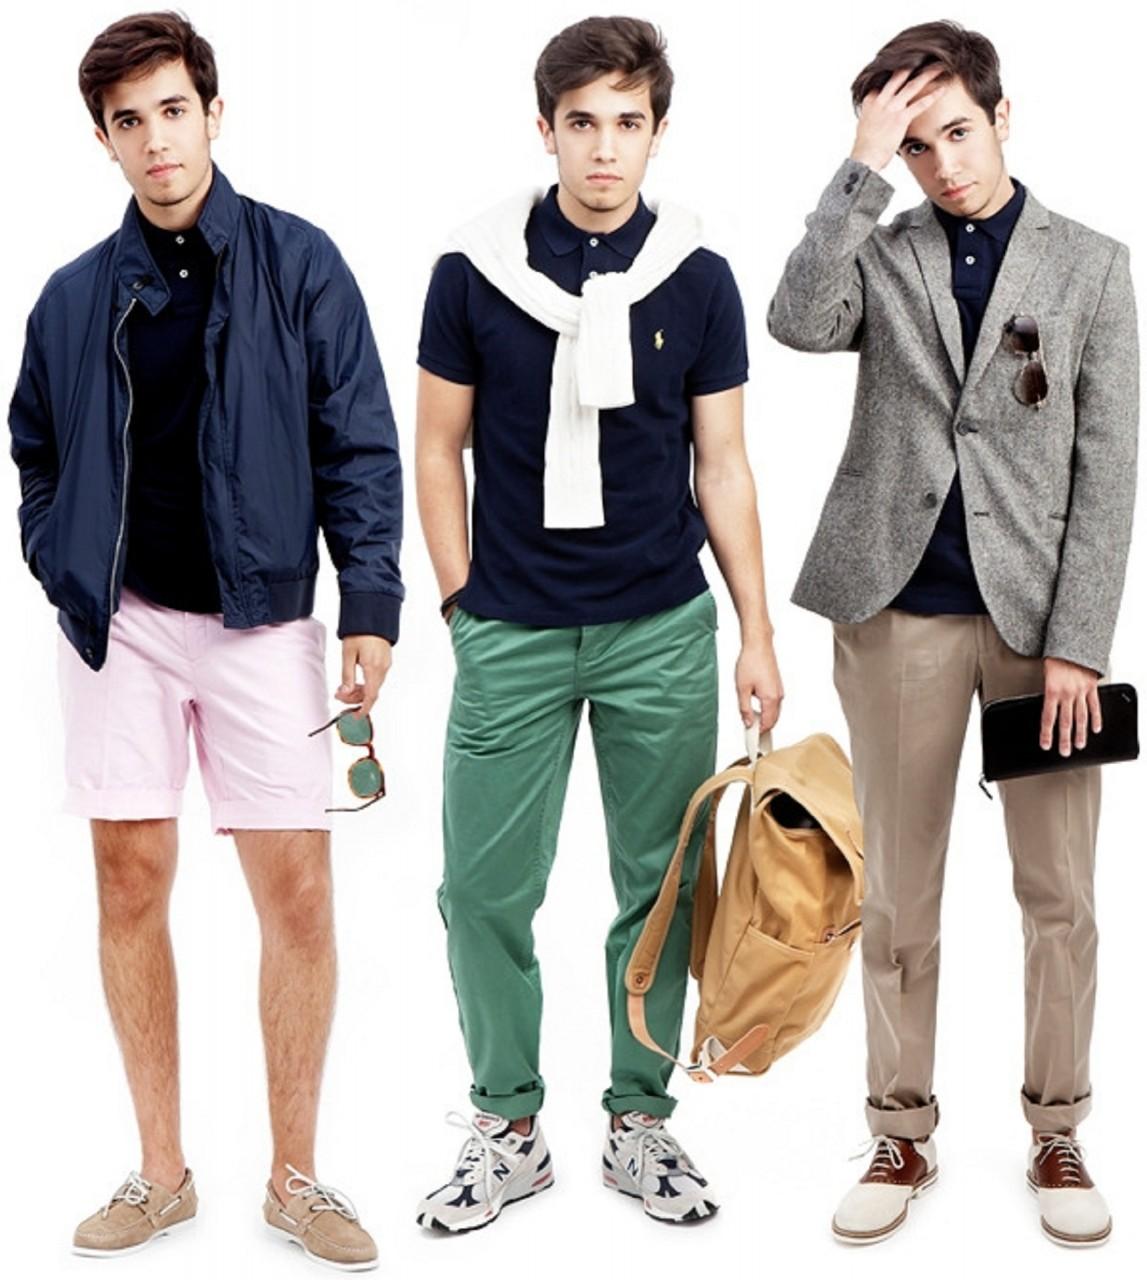 Мужская одежда в стиле спорт-шик